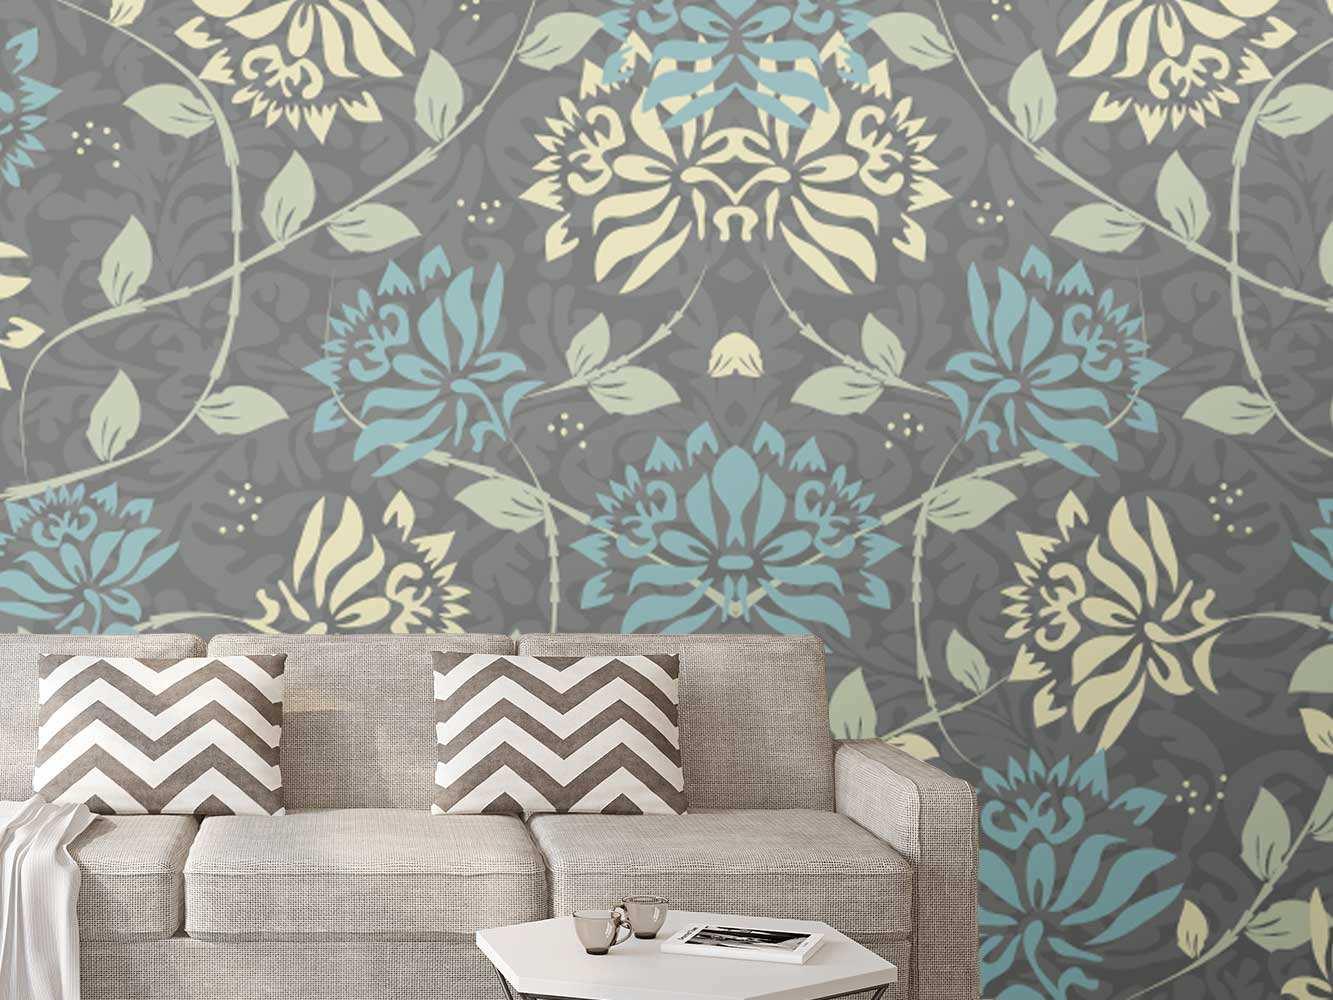 Fotomural Papel Pintado Arte Floral Azul Amarillo | Carteles XXL - Impresión carteleria publicitaria